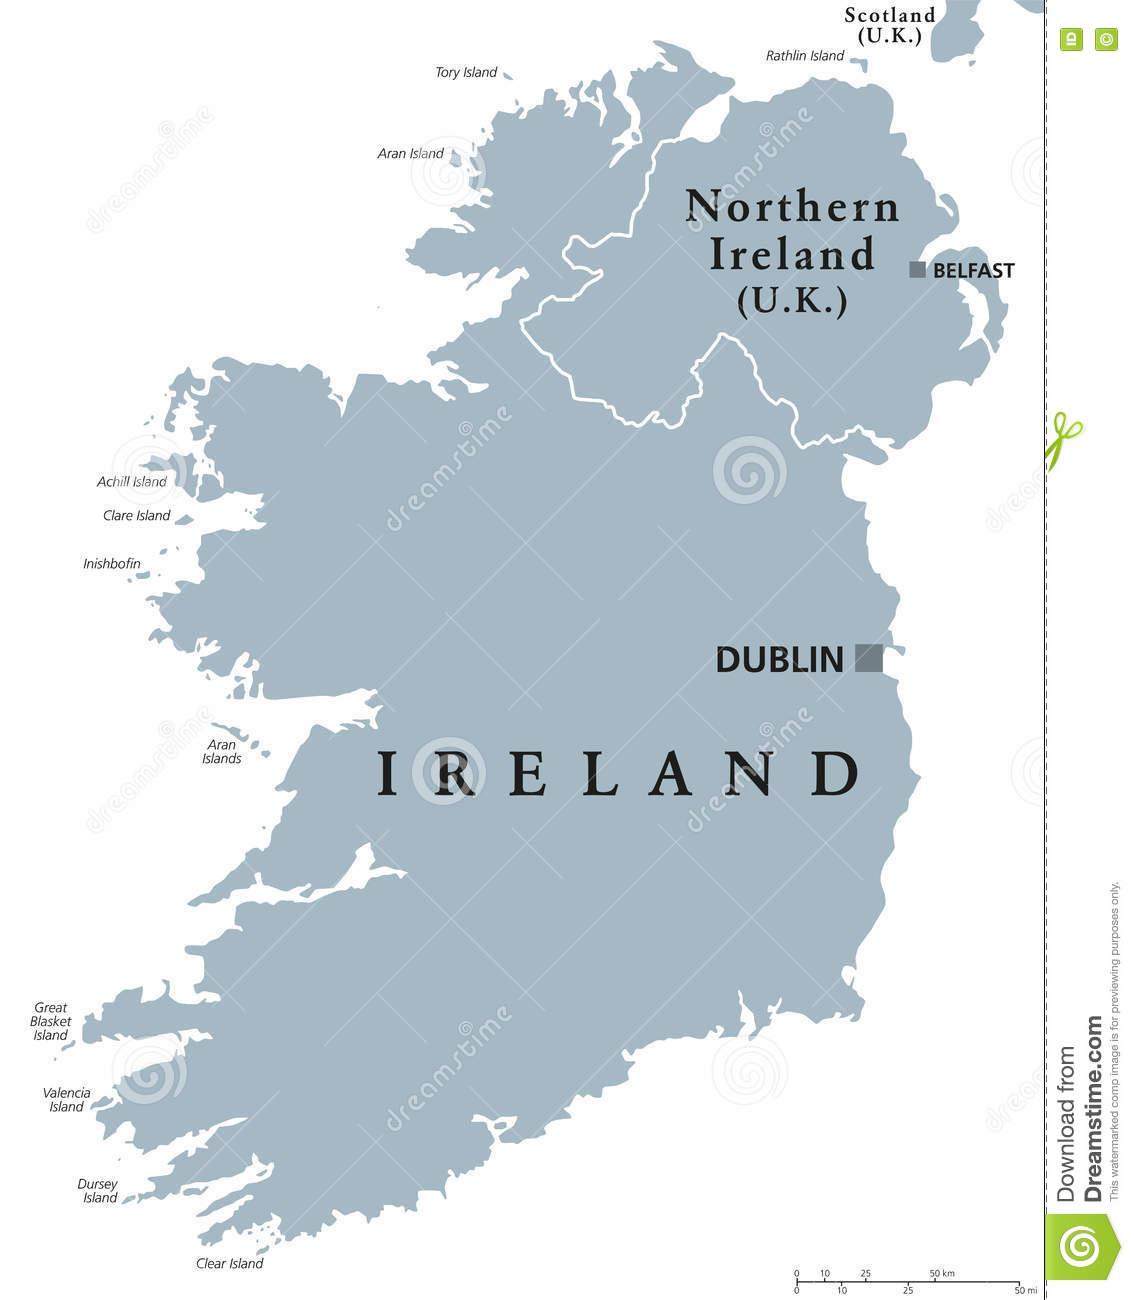 Carte Politique De La République D'irlande Et De L'irlande destiné Carte Europe Avec Capitales